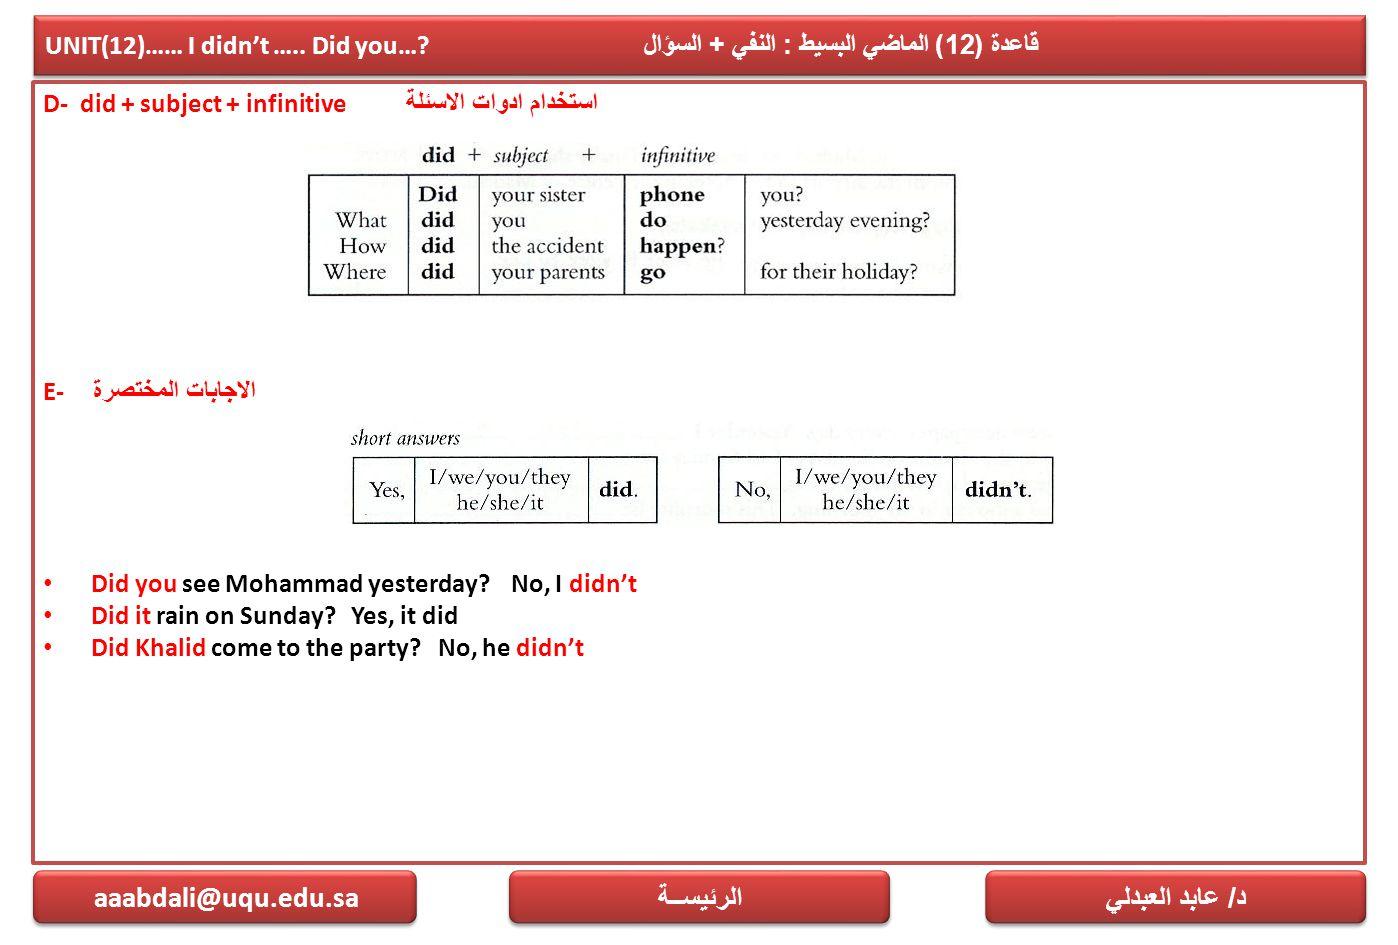 UNIT(12)…… I didn't ….. Did you…? قاعدة (12) الماضي البسيط : النفي + السؤال D- did + subject + infinitive استخدام ادوات الاسئلة E- الاجابات المختصرة D